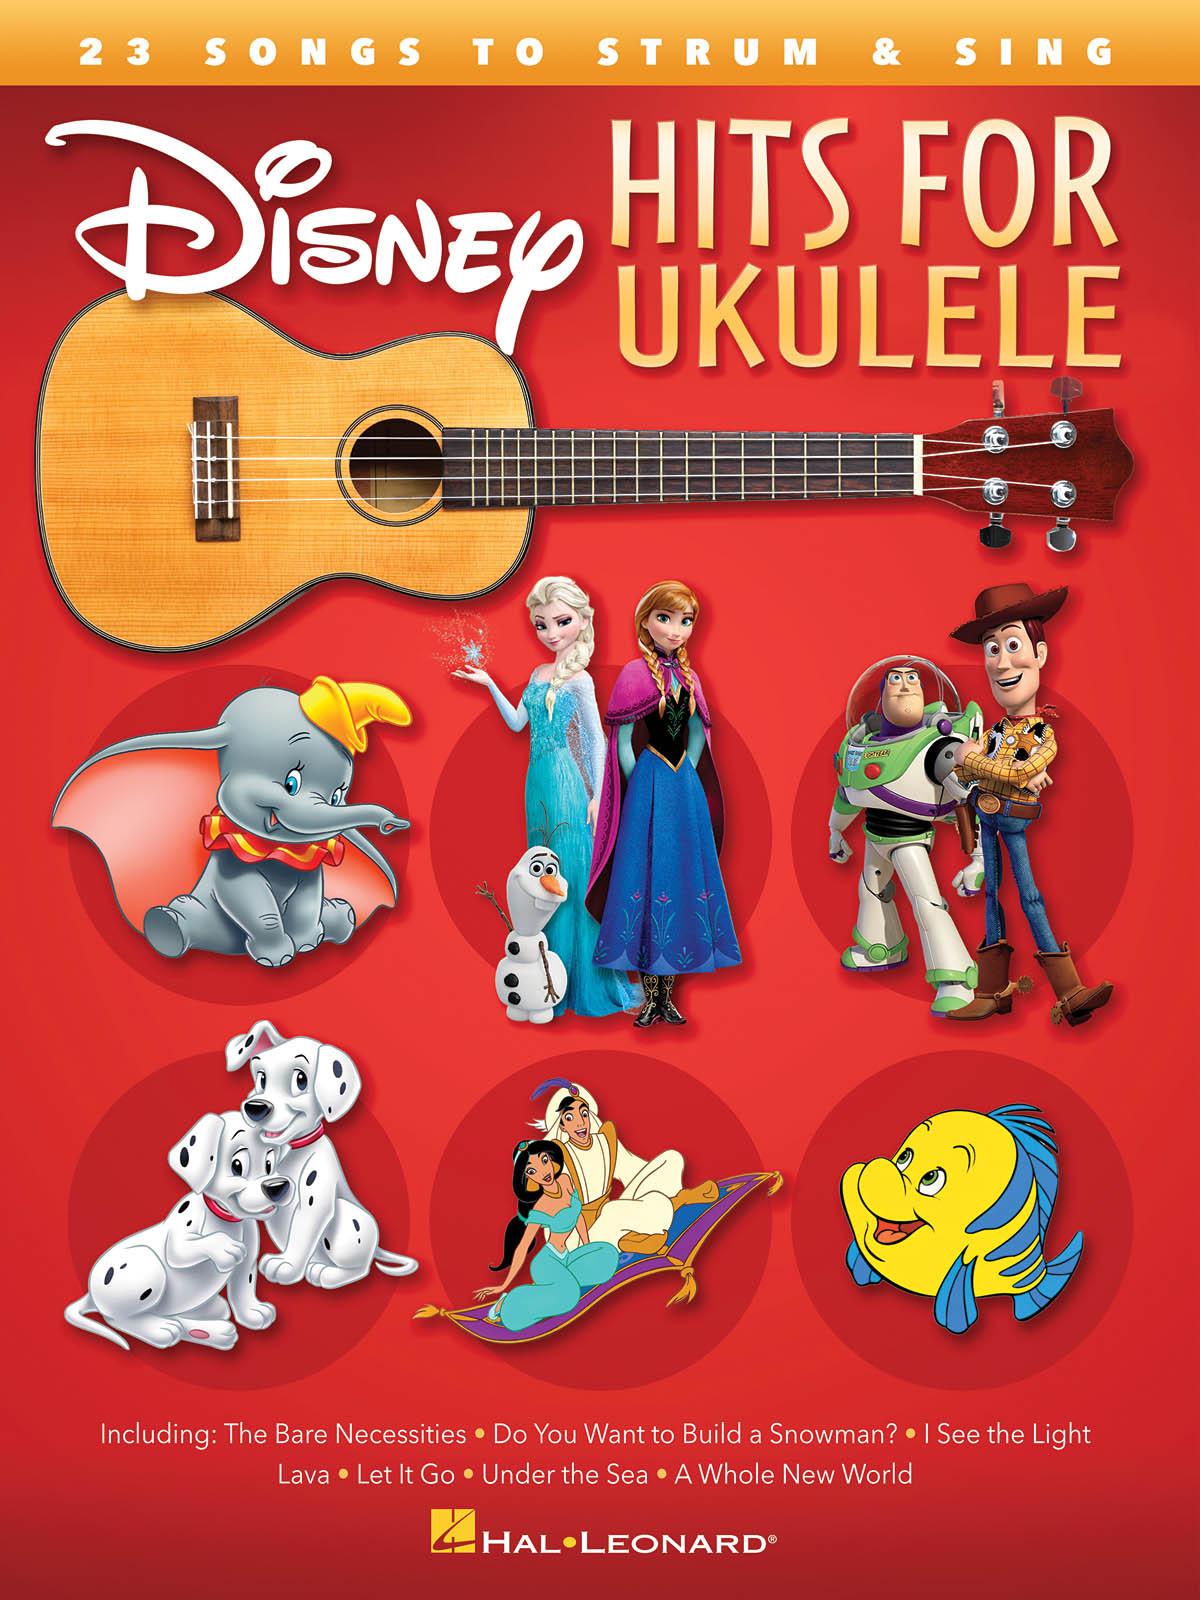 Ukulele Disney Hits